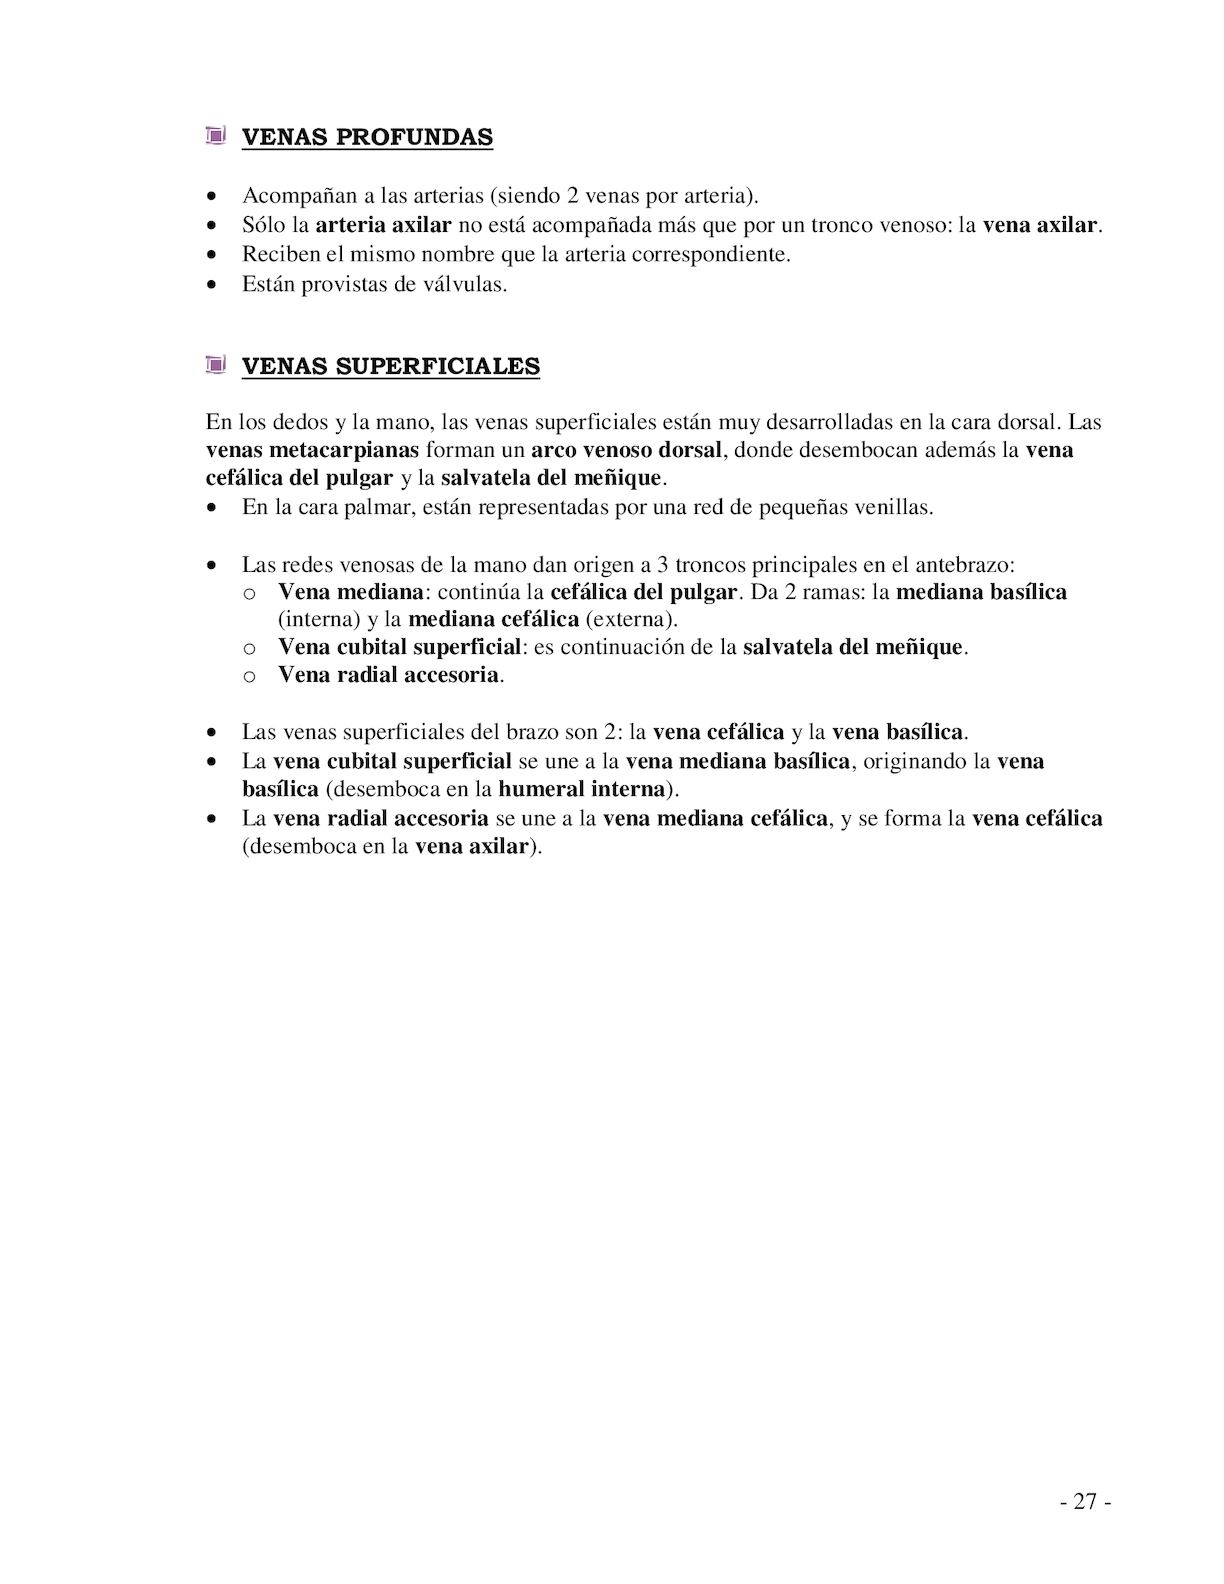 Resumenes de Anatomía - CALAMEO Downloader